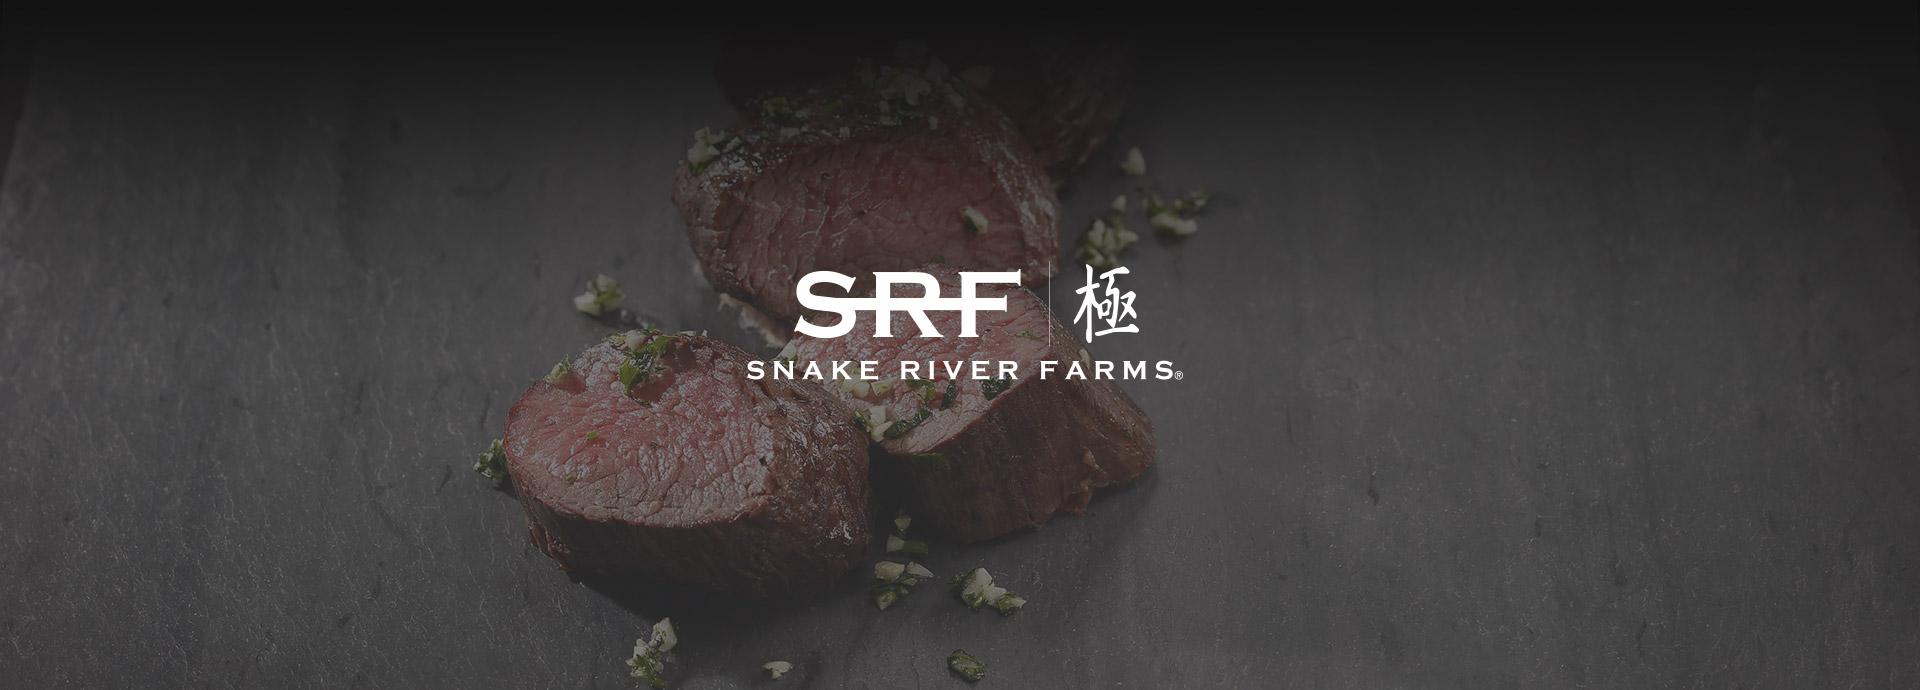 Snake River Farms American Wagyu Beef And Kurobuta Pork Agri Beef